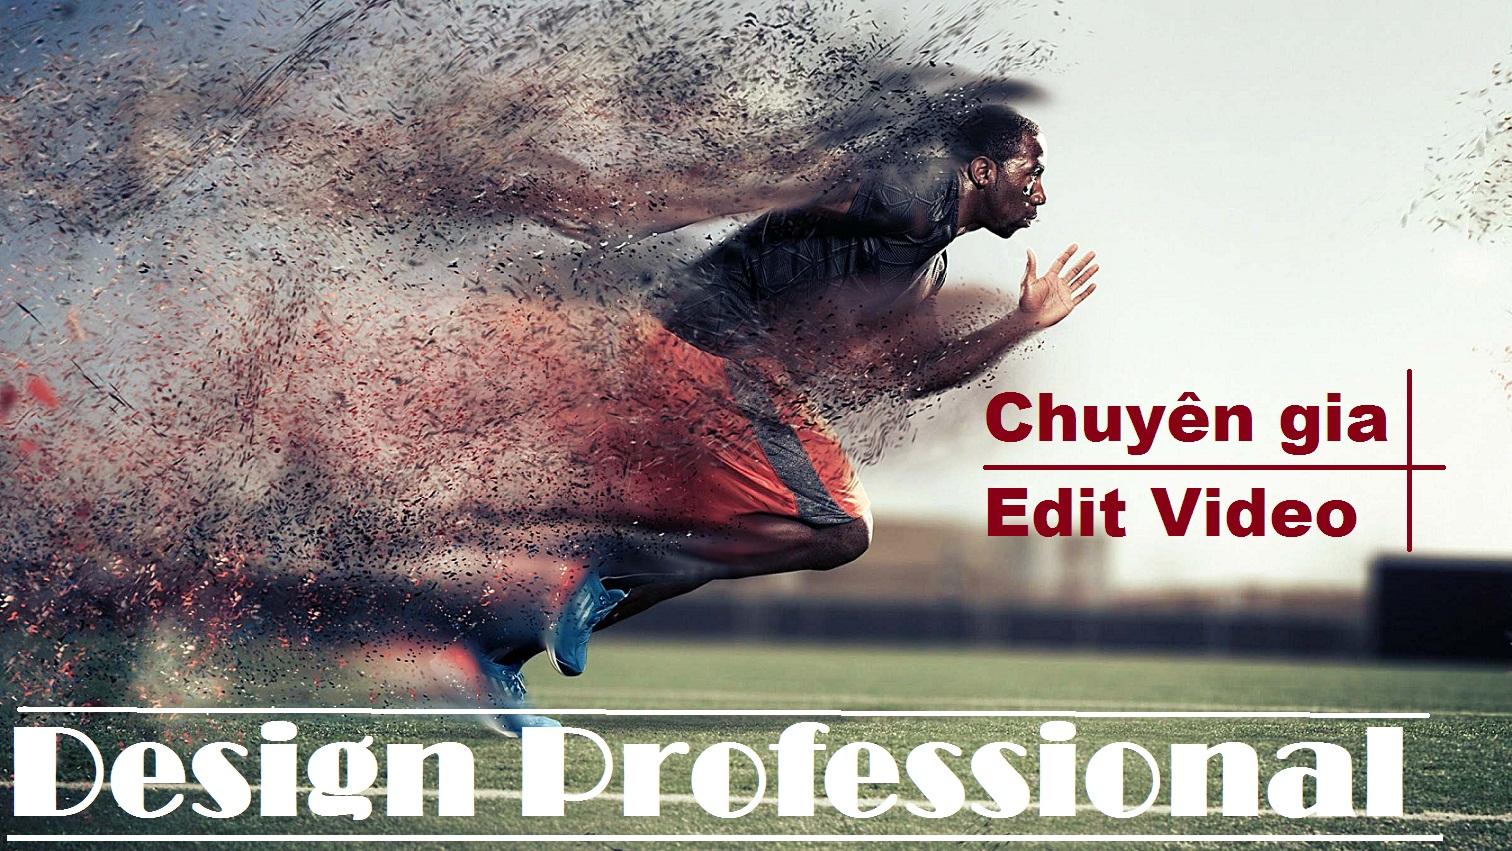 After Effects CC 2018: Thiết kế chuyển tiếp video chuyên nghiệp 1